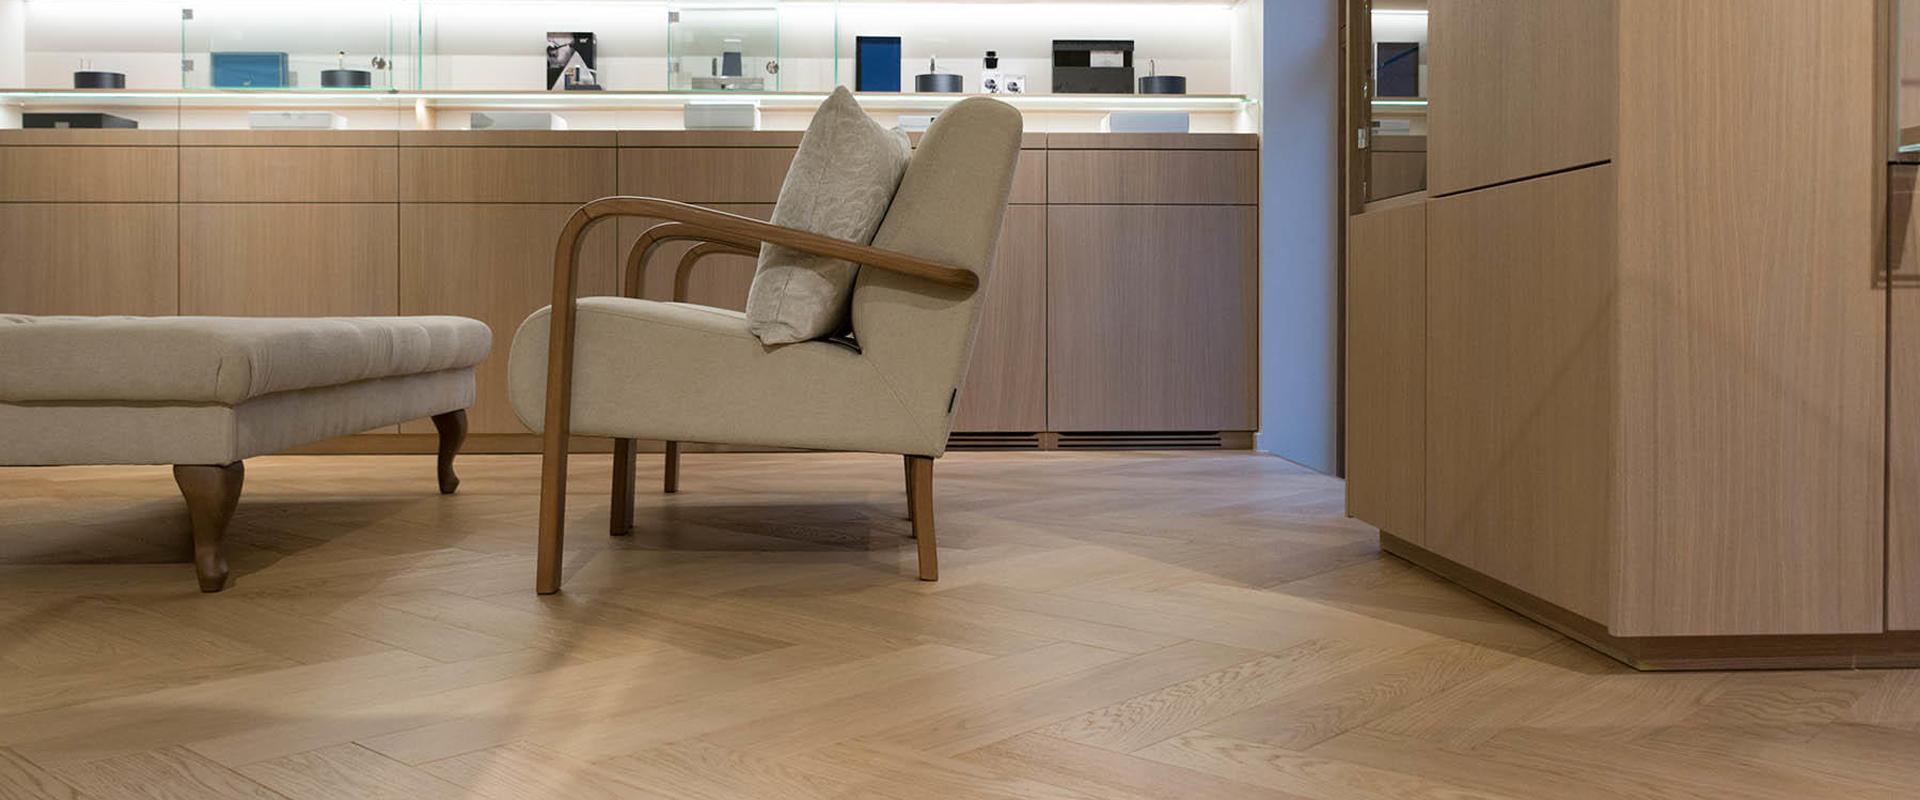 Dit-is-het-verschil-tussen-visgraat houten- vloer-en-visgraat-PVC-vloer